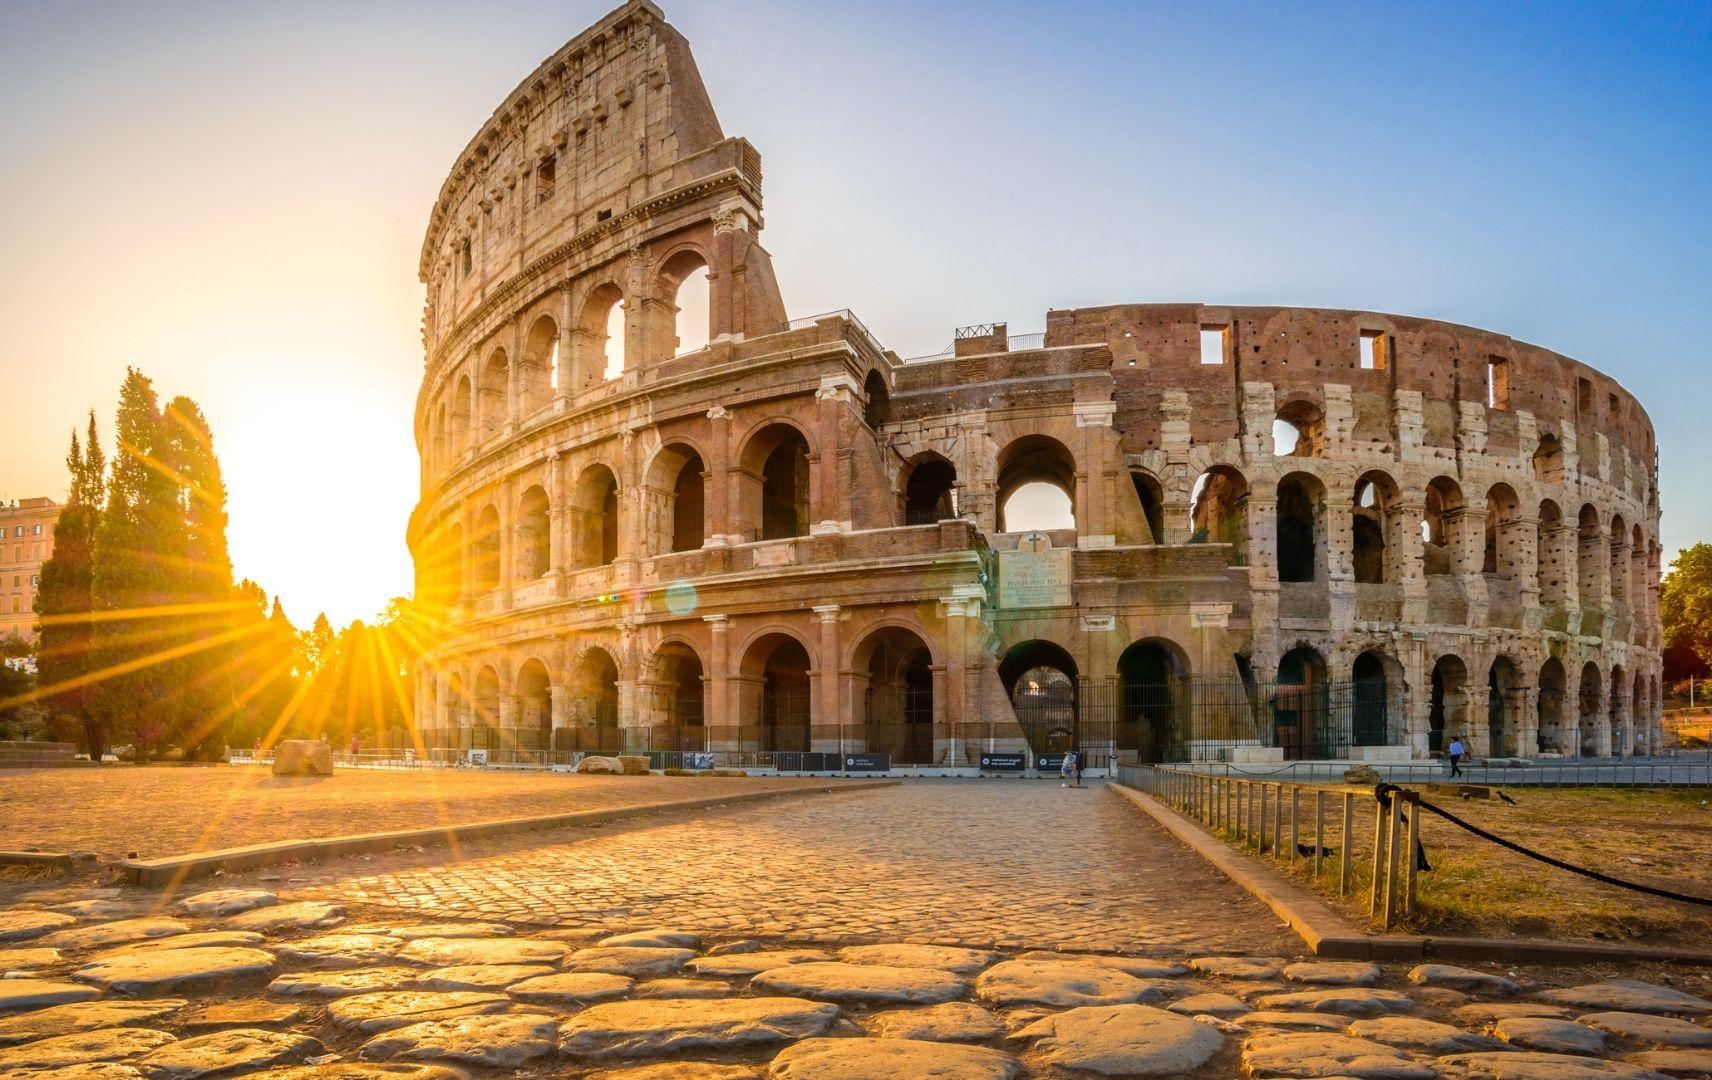 Italien - Rom Kolosseum